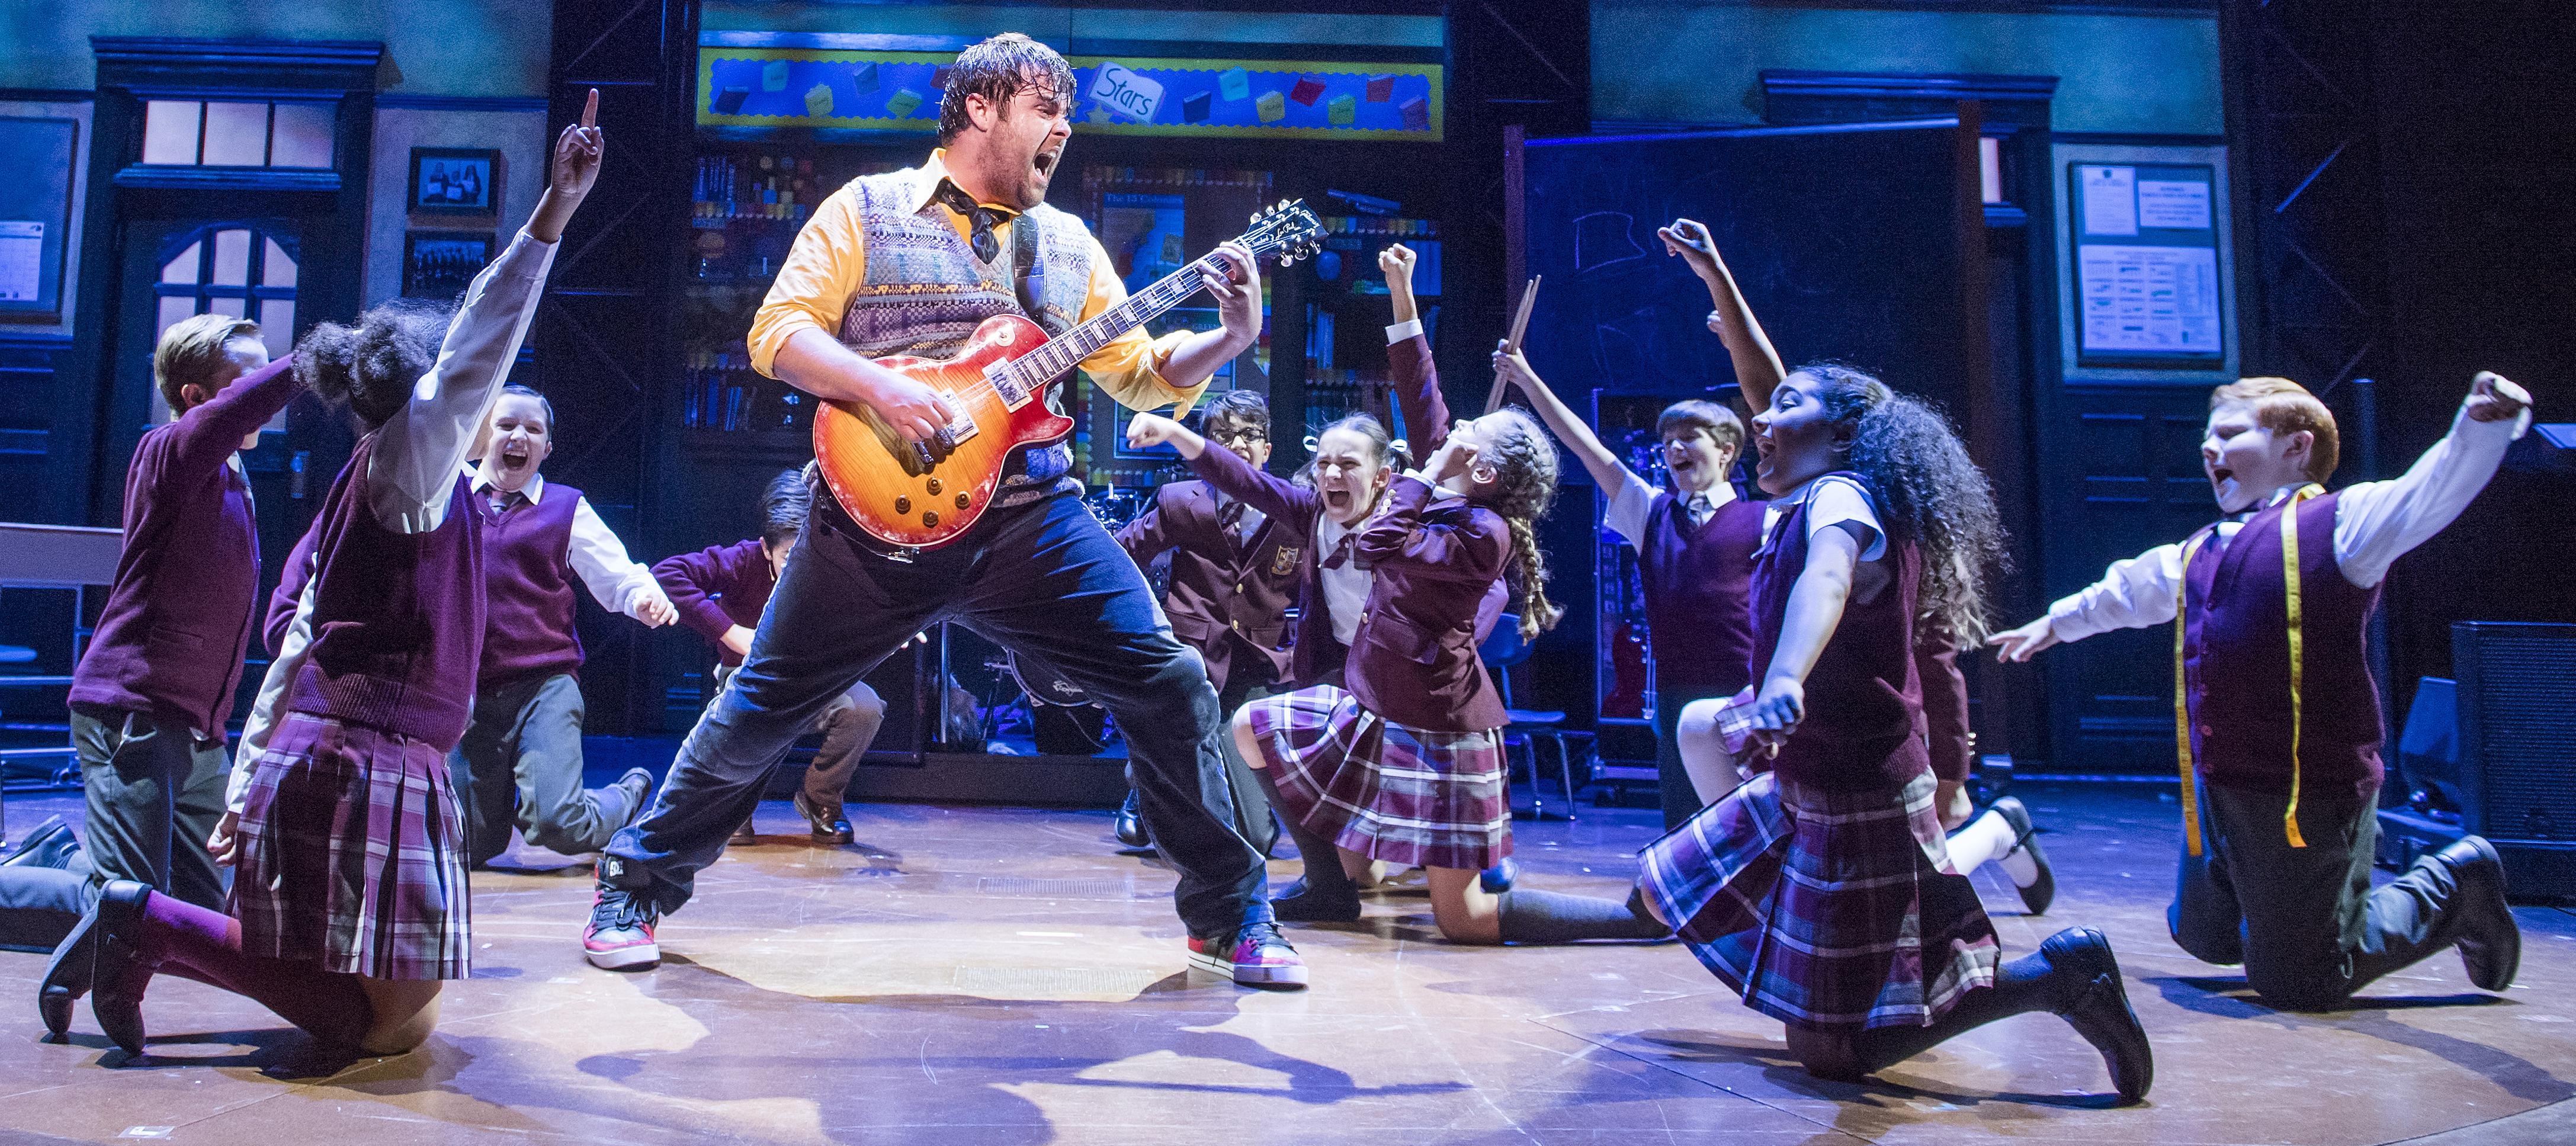 School-Of-Rock-20-10-16-New-London-2514_